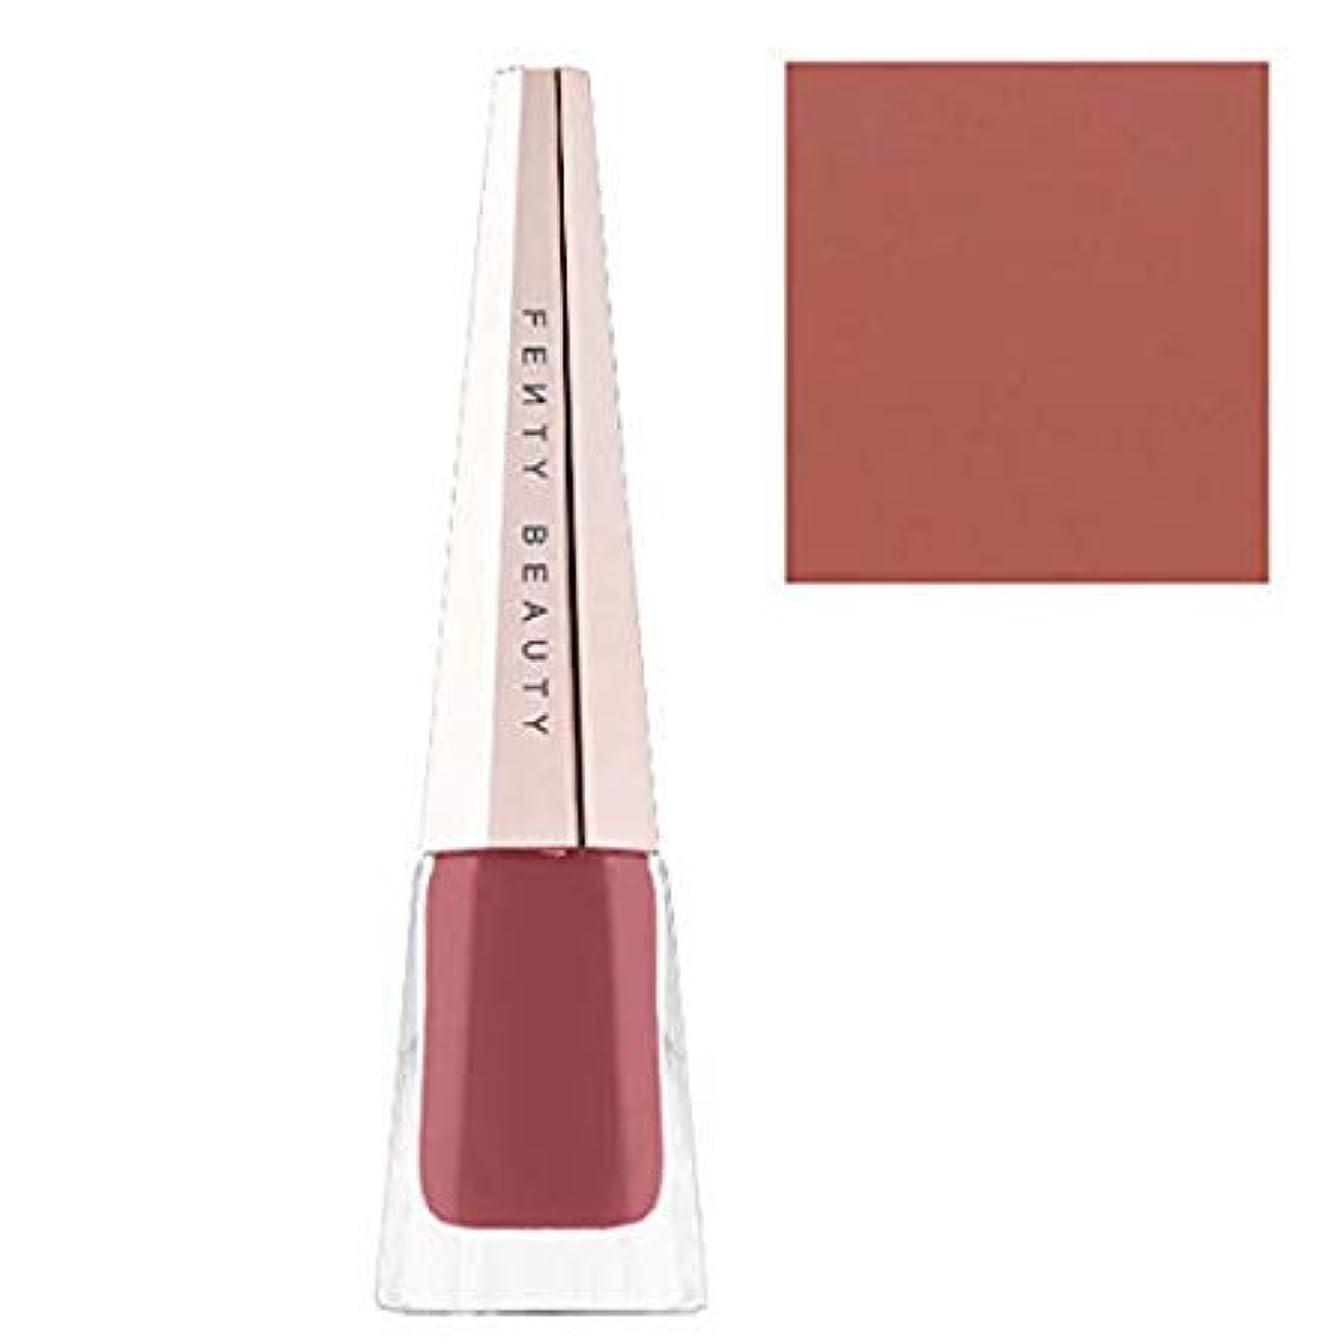 連続した状況列挙するFENTY BEAUTY BY RIHANNA Stunna Lip Paint Longwear Fluid Lip Color - Uncuffed [海外直送品] [並行輸入品]